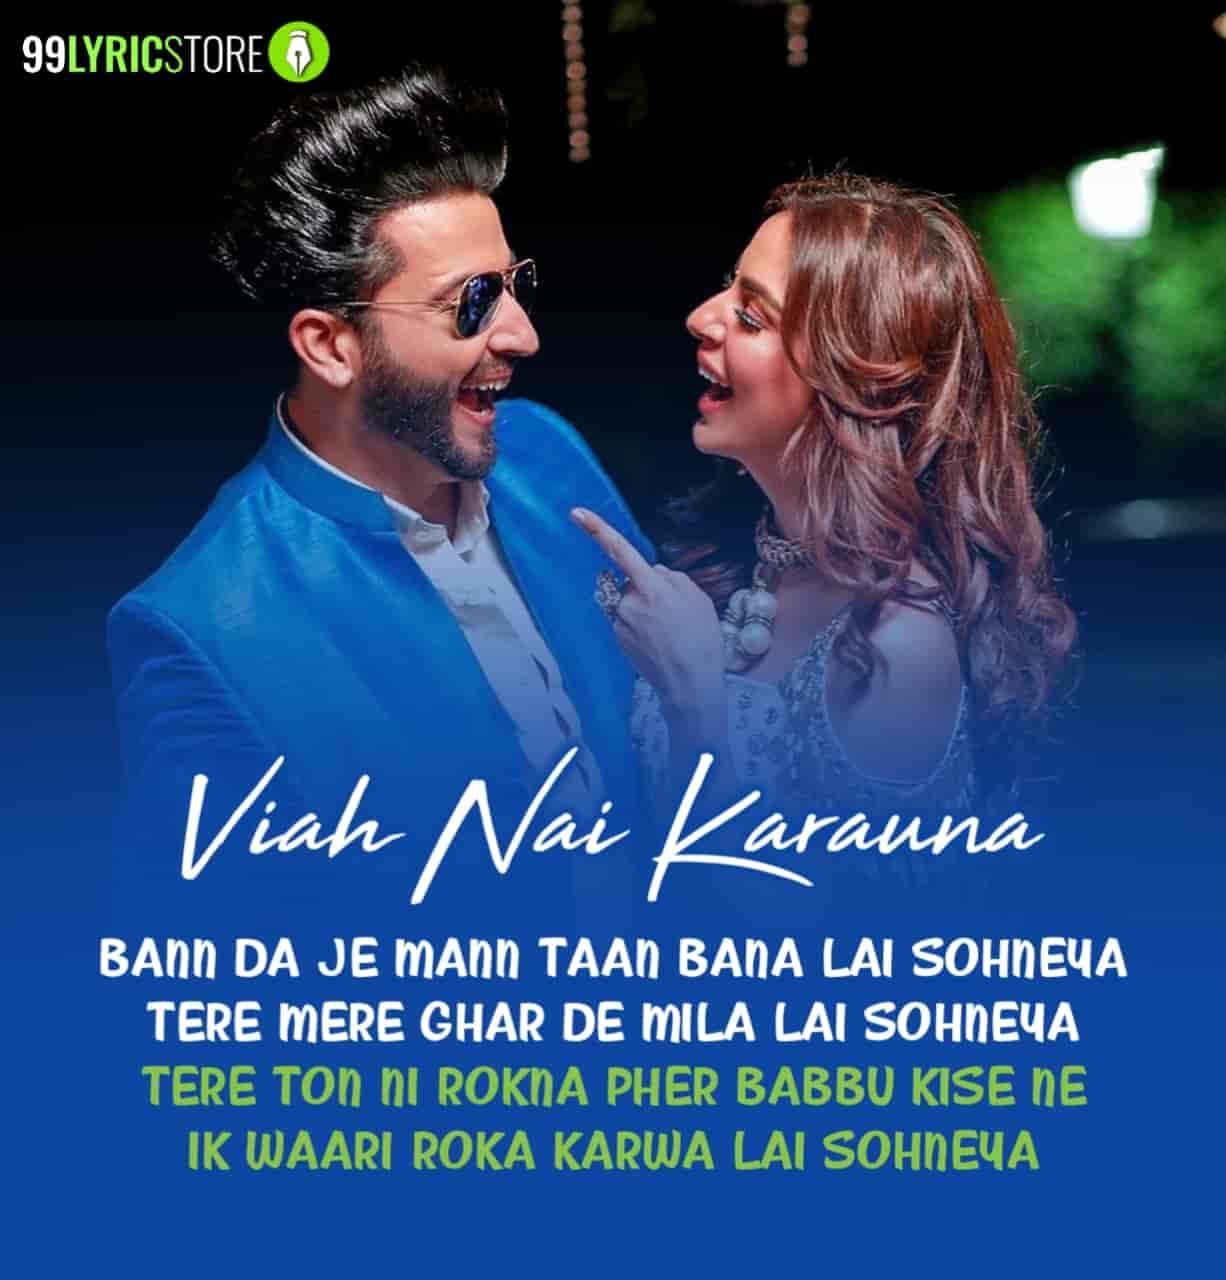 Viah Nai Karauna Song Image Features Shraddha Arya sung by Asees Kaur